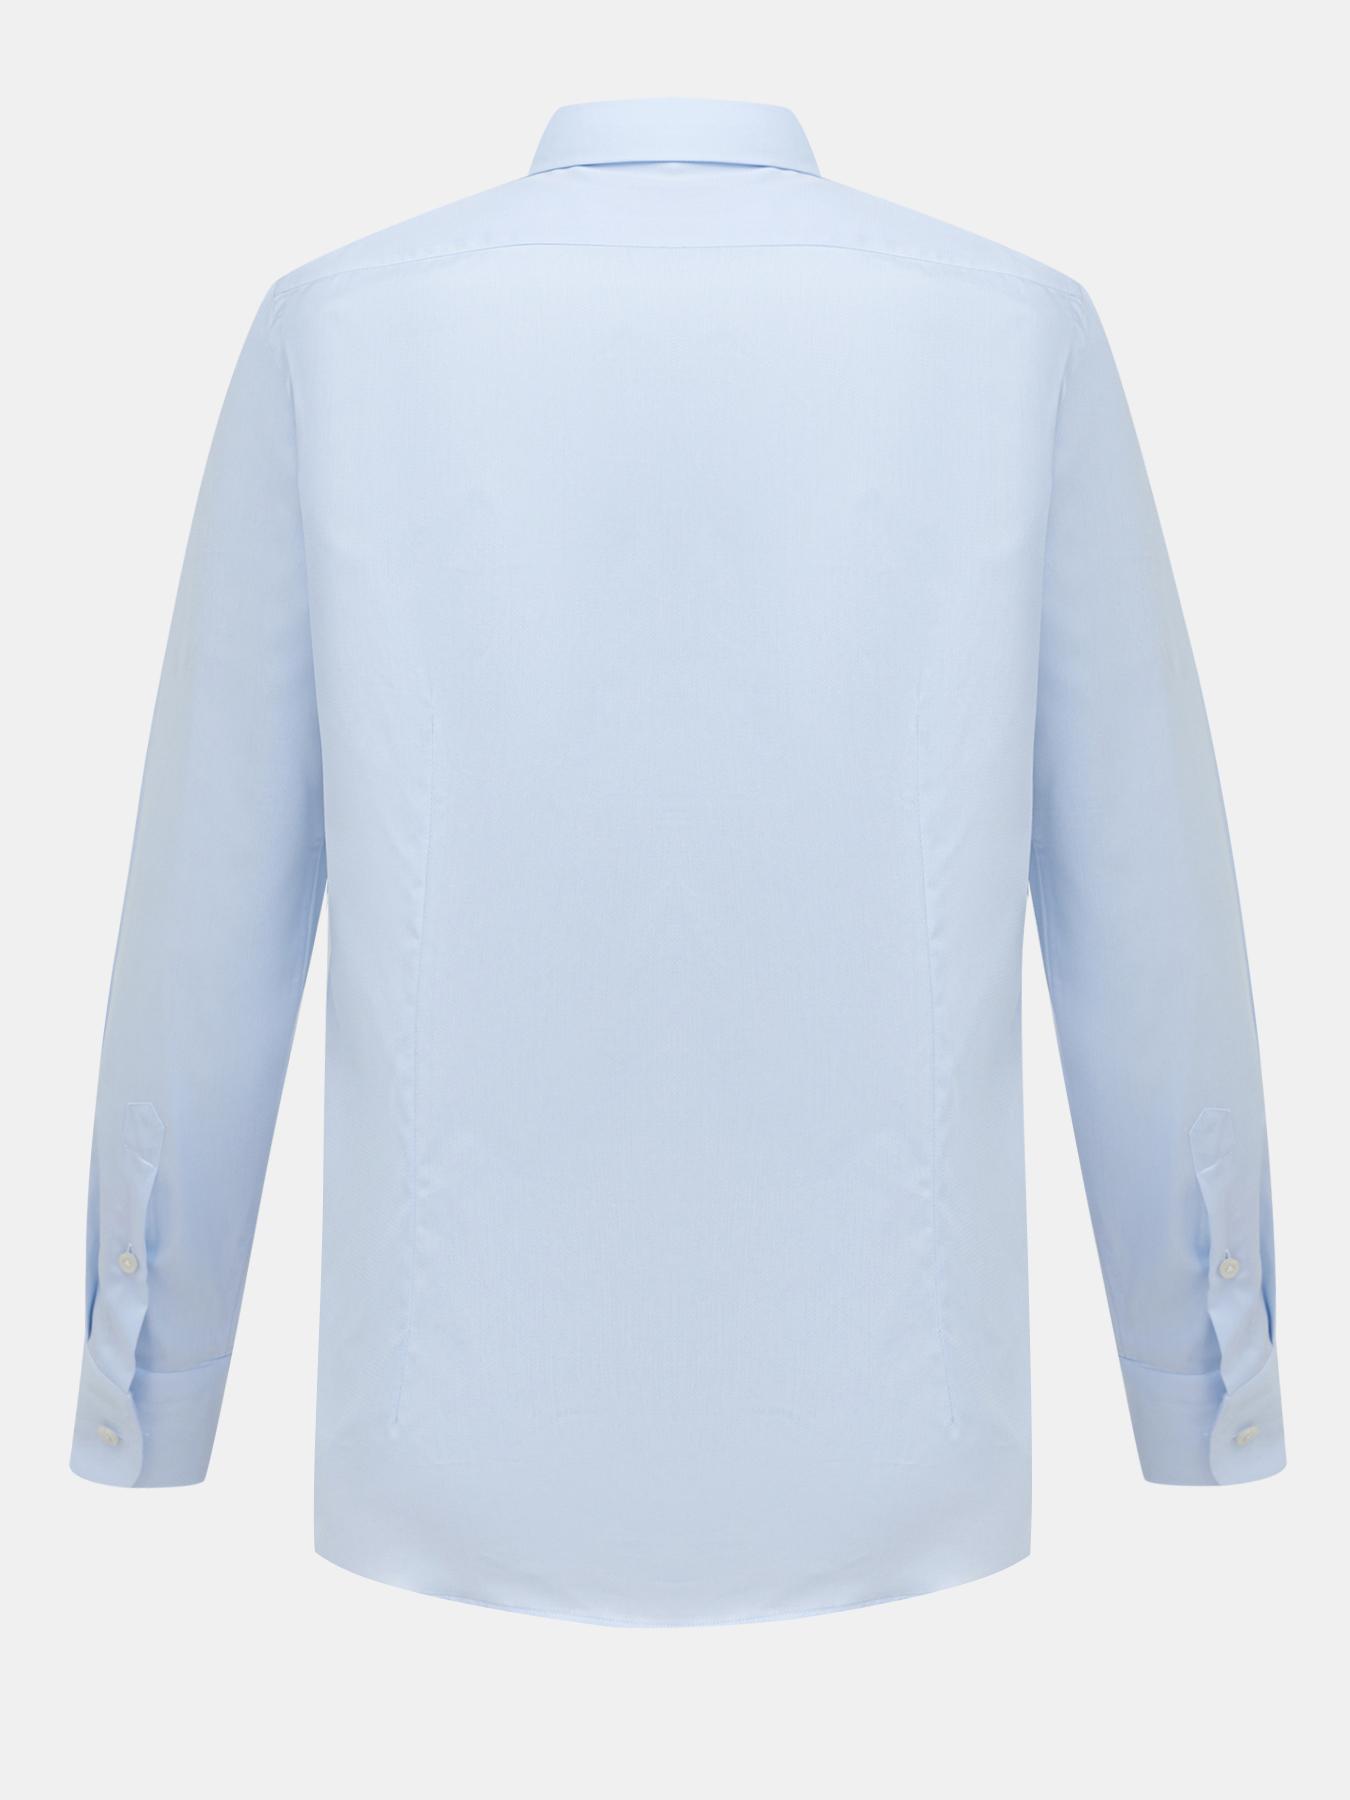 Рубашка Korpo Рубашка рубашка bawer bawer mp002xm04z2k